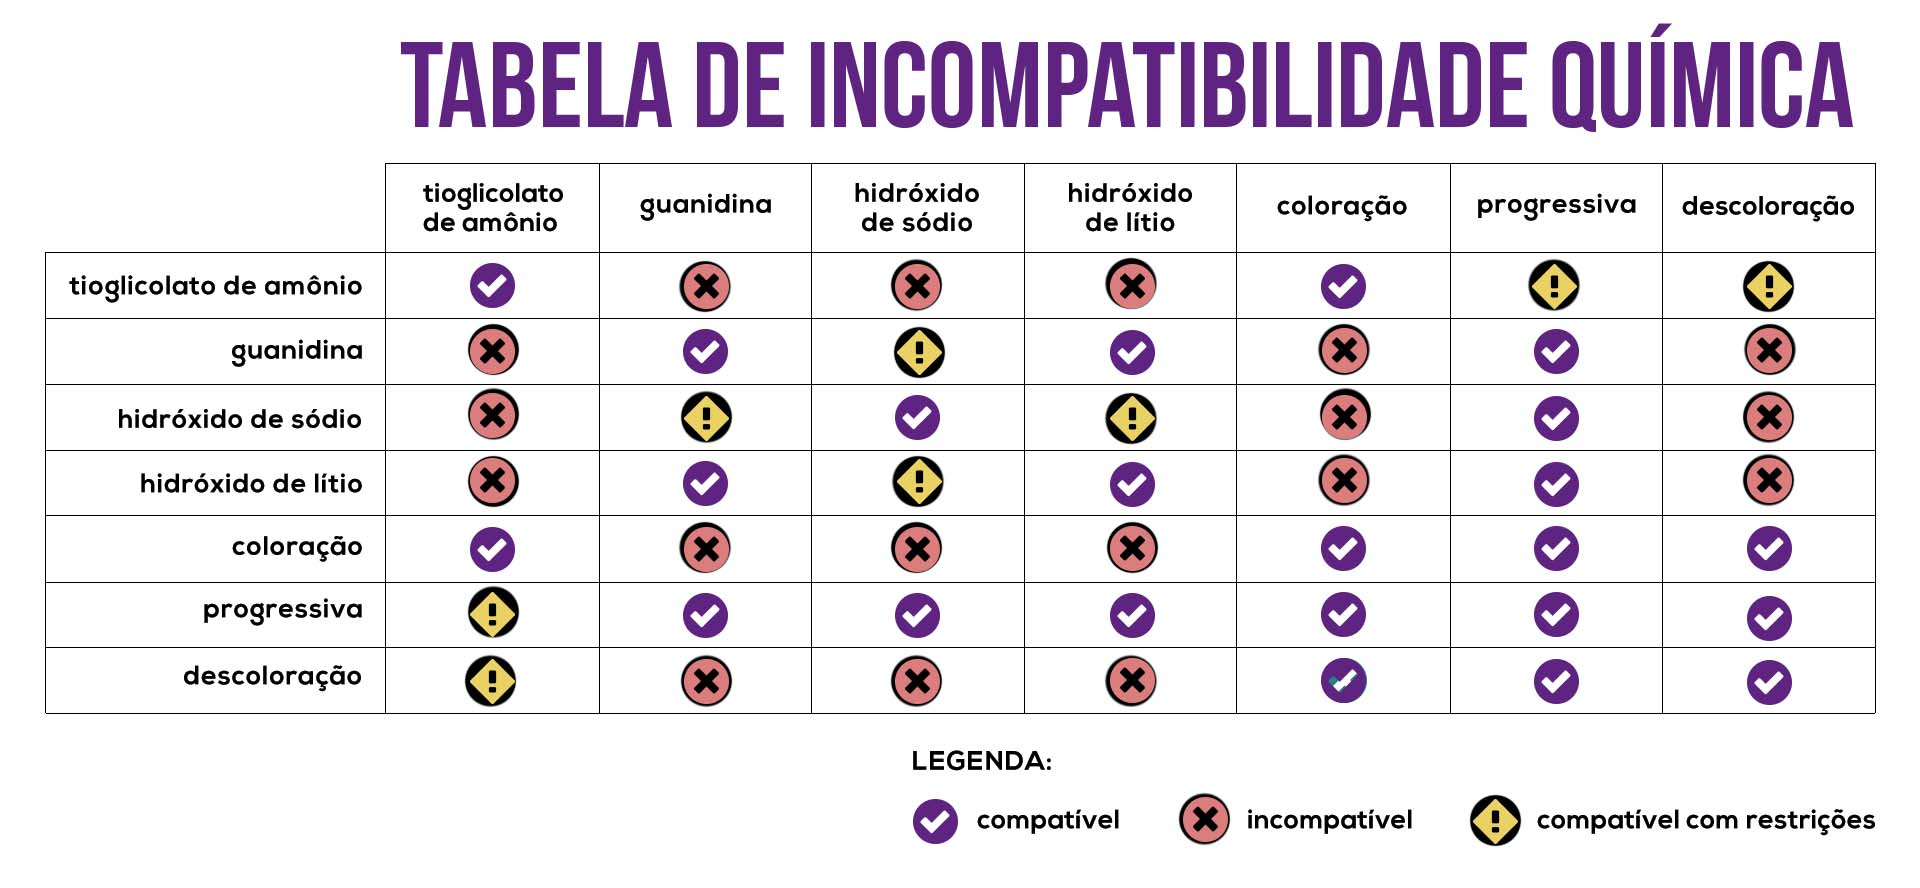 tabela de incompatibilidade entre químicas de alisamento e descoloração